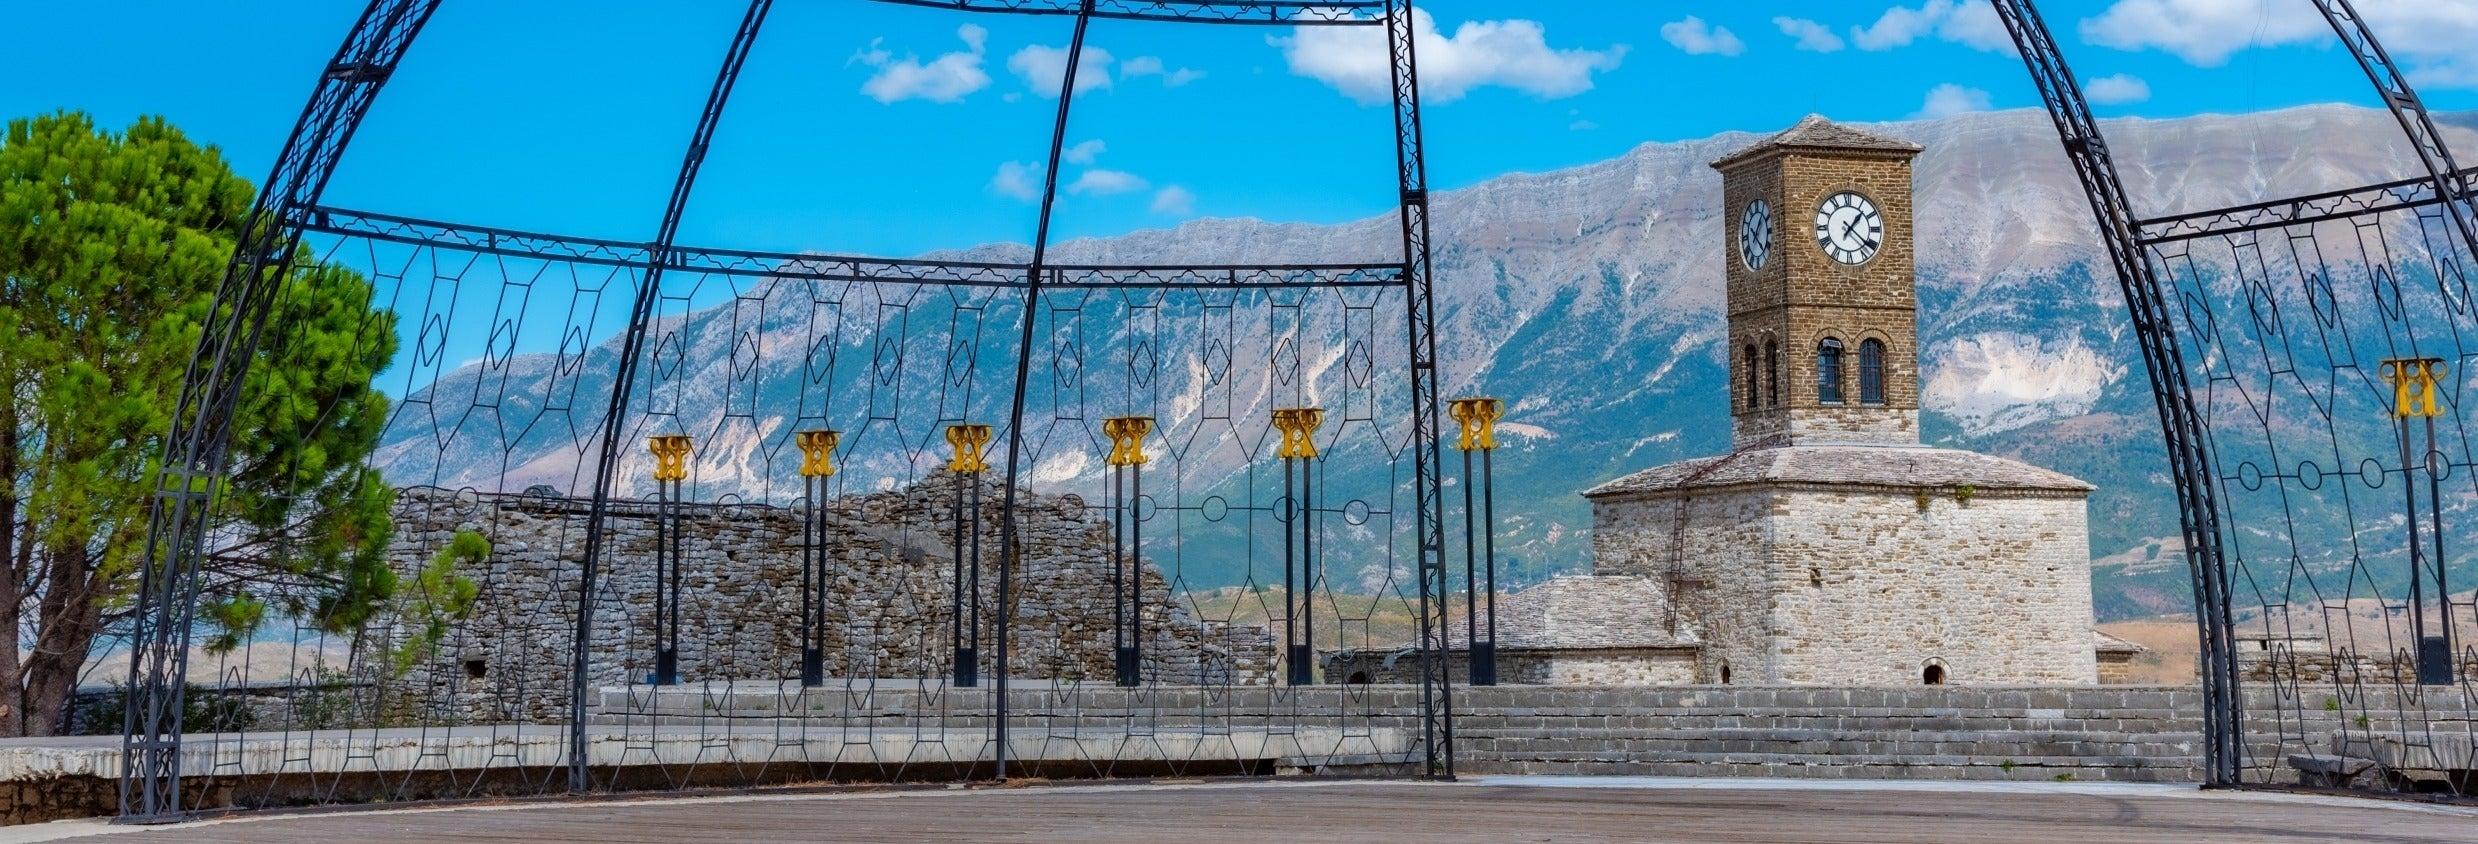 Excursion à Gjirokastra et au Château de Lëkurësi